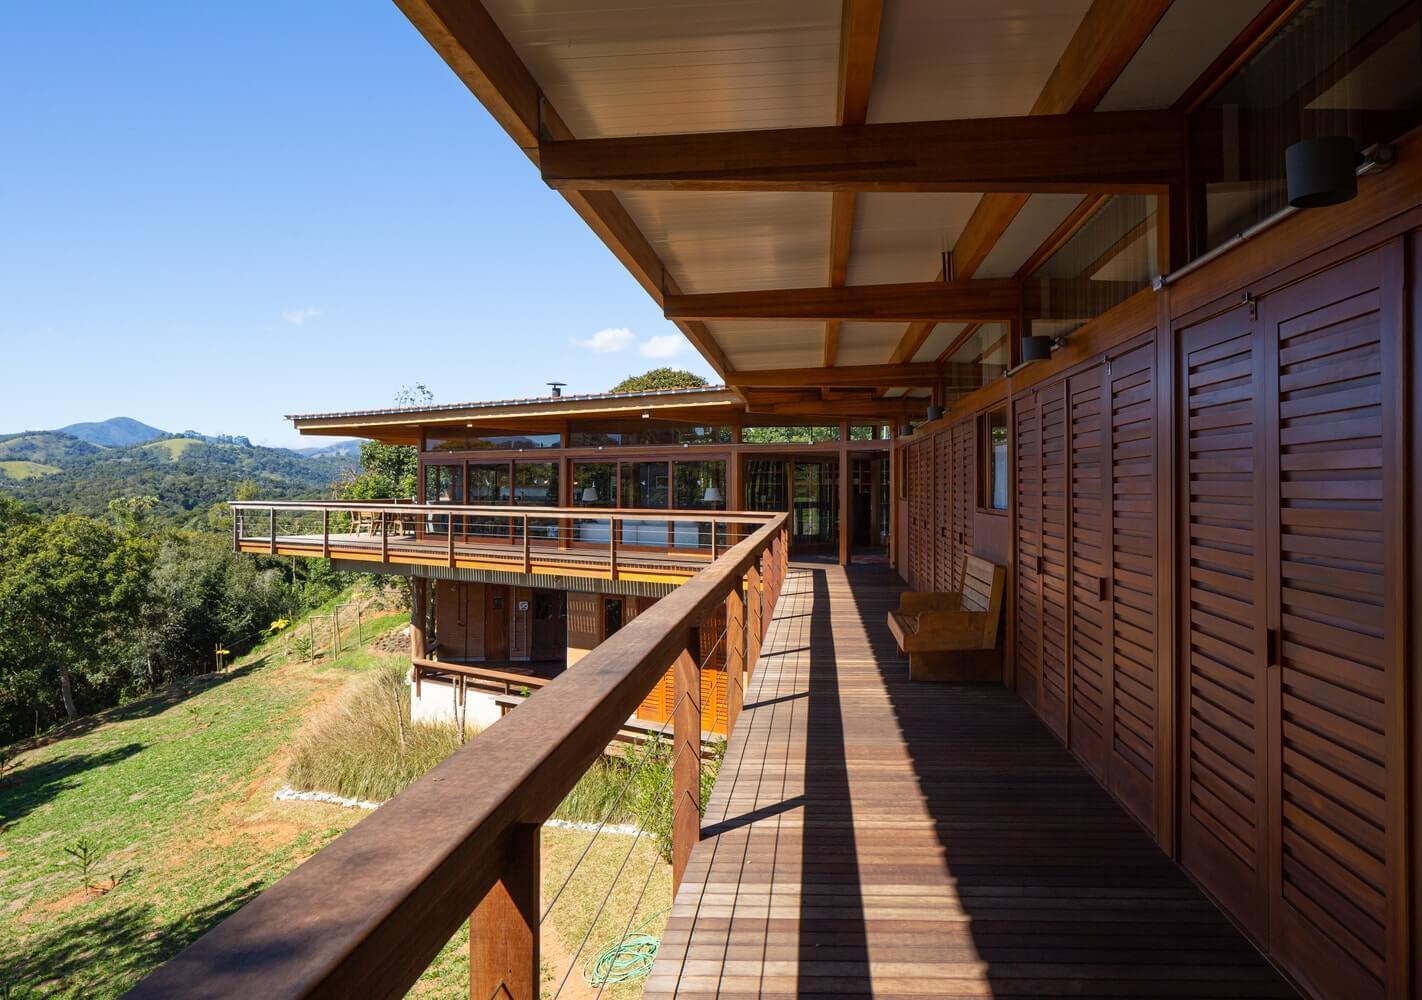 Casa na Mantiqueira - Gui Paoliello Arquiteto - Créditos © Manuel Sá Architectural Photography